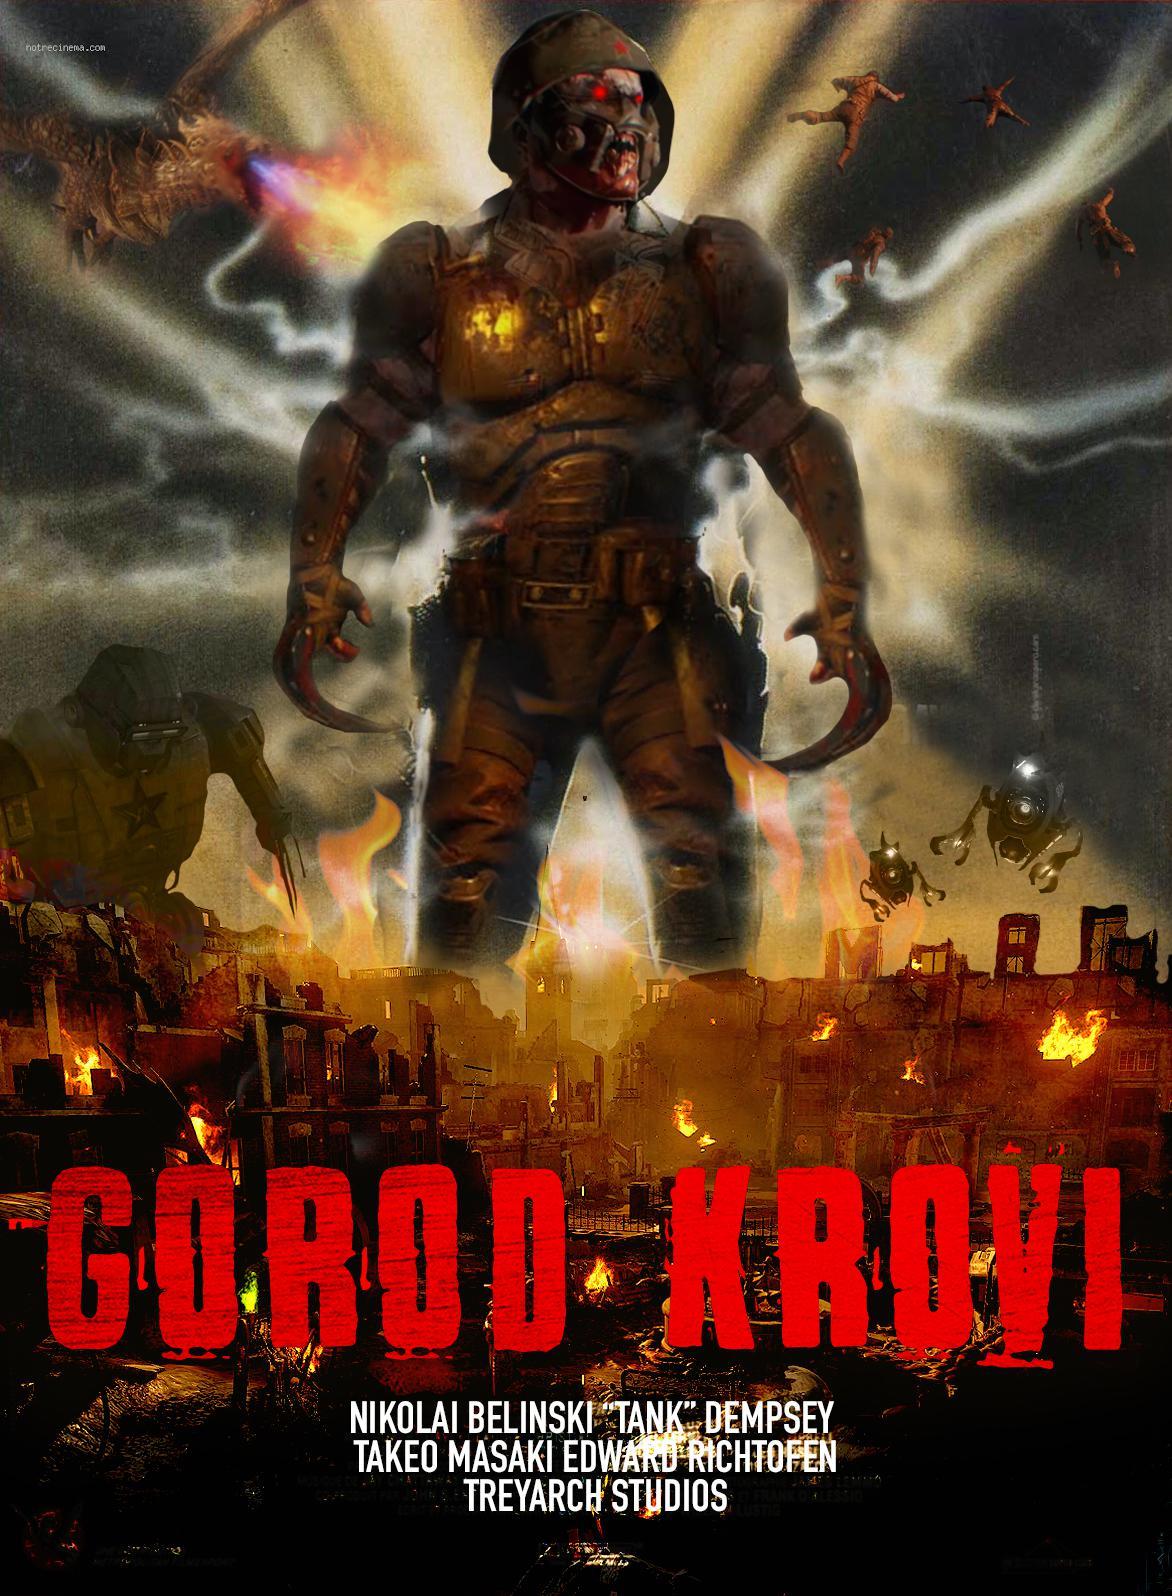 Gorod Krovi Map : gorod, krovi, Zombie, Classic, Horror, Movie, Posters:, GOROD, KROVI, MANIAC, (1990), CODZombies